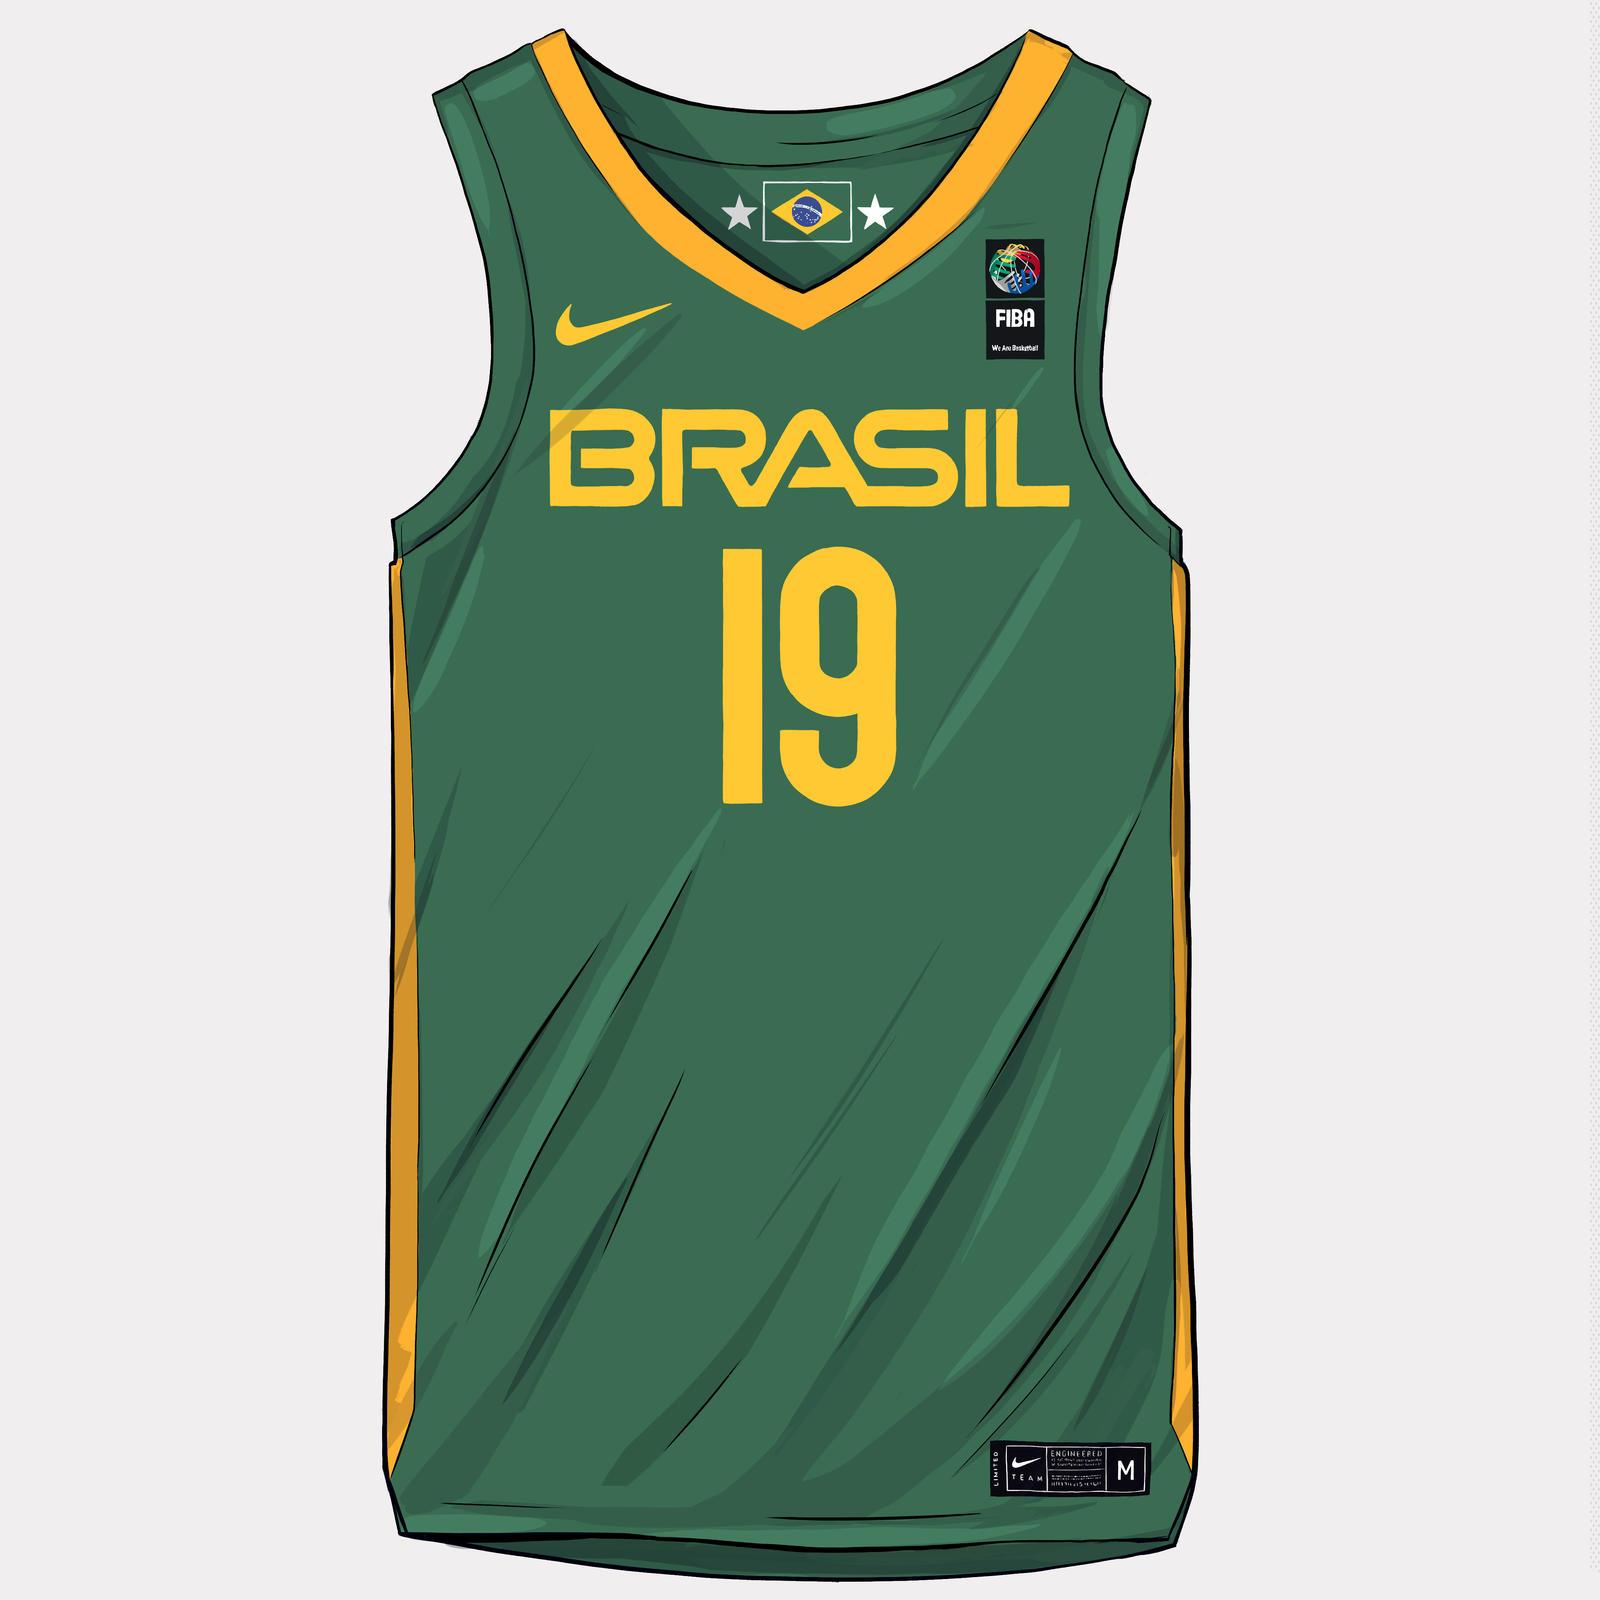 nike-news-brasil-national-team-kit-2019-illustration-1x1_1_89518.jpg